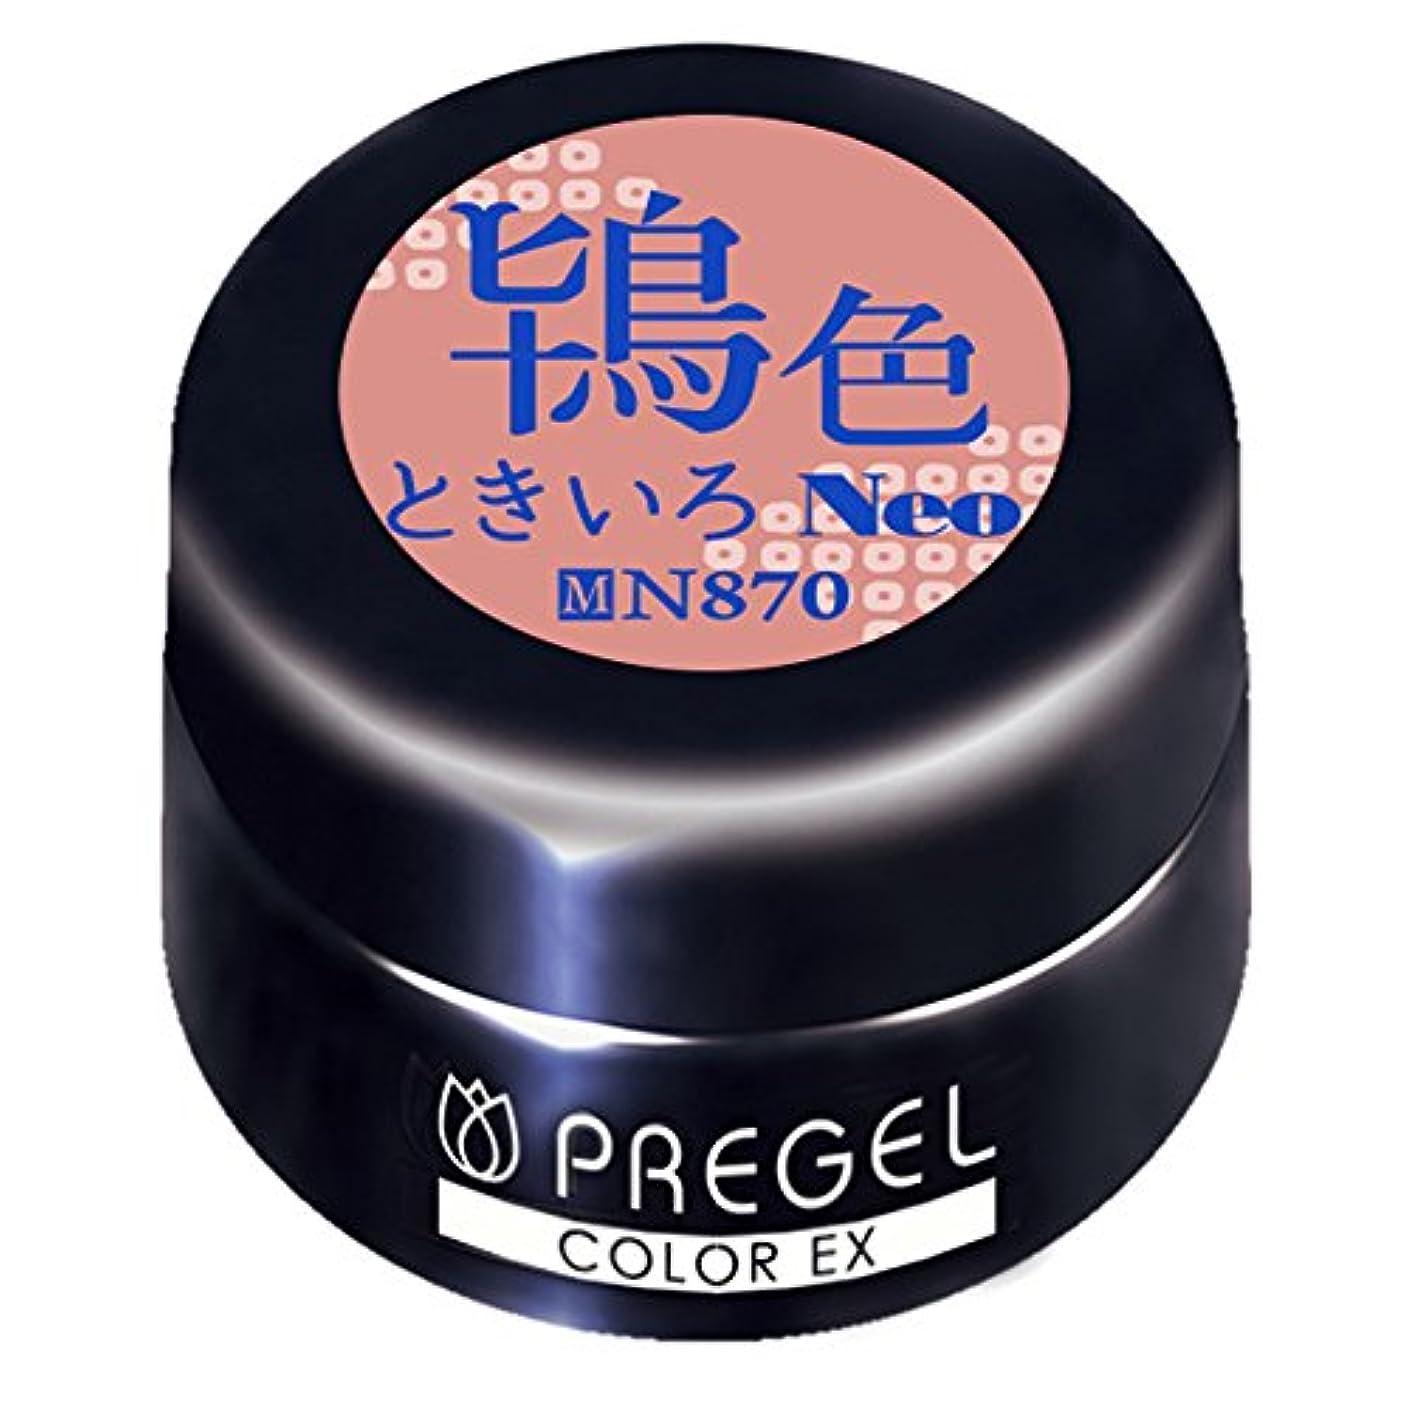 最後のメダリスト出身地PRE GELカラーEX 鴇色(ときいろ)neo 3g PG-CEN870